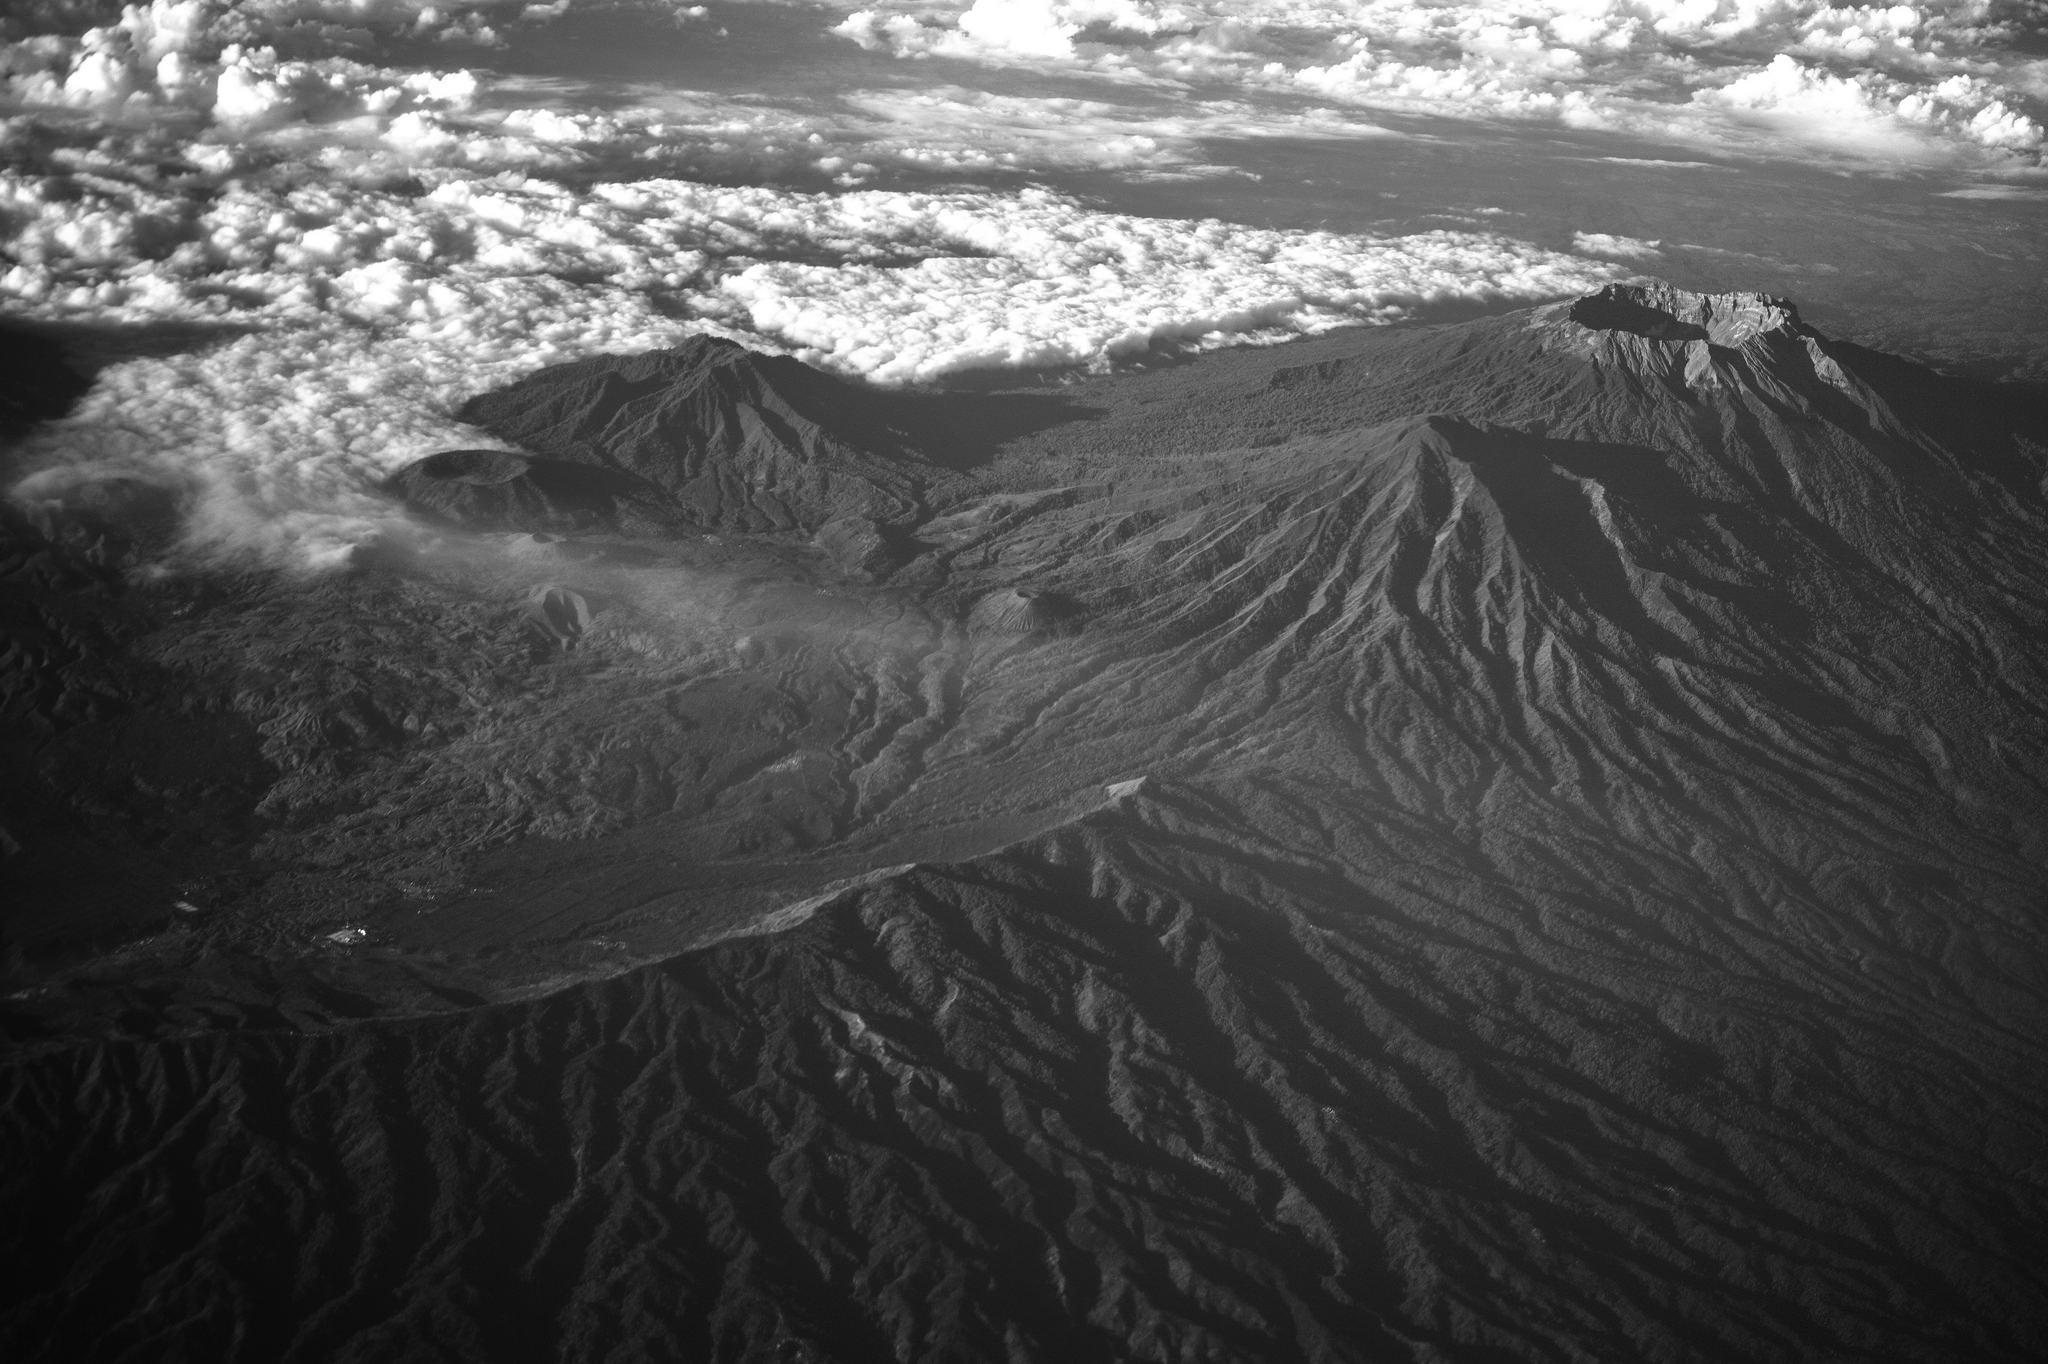 Le volcan Raung, en Indonésie